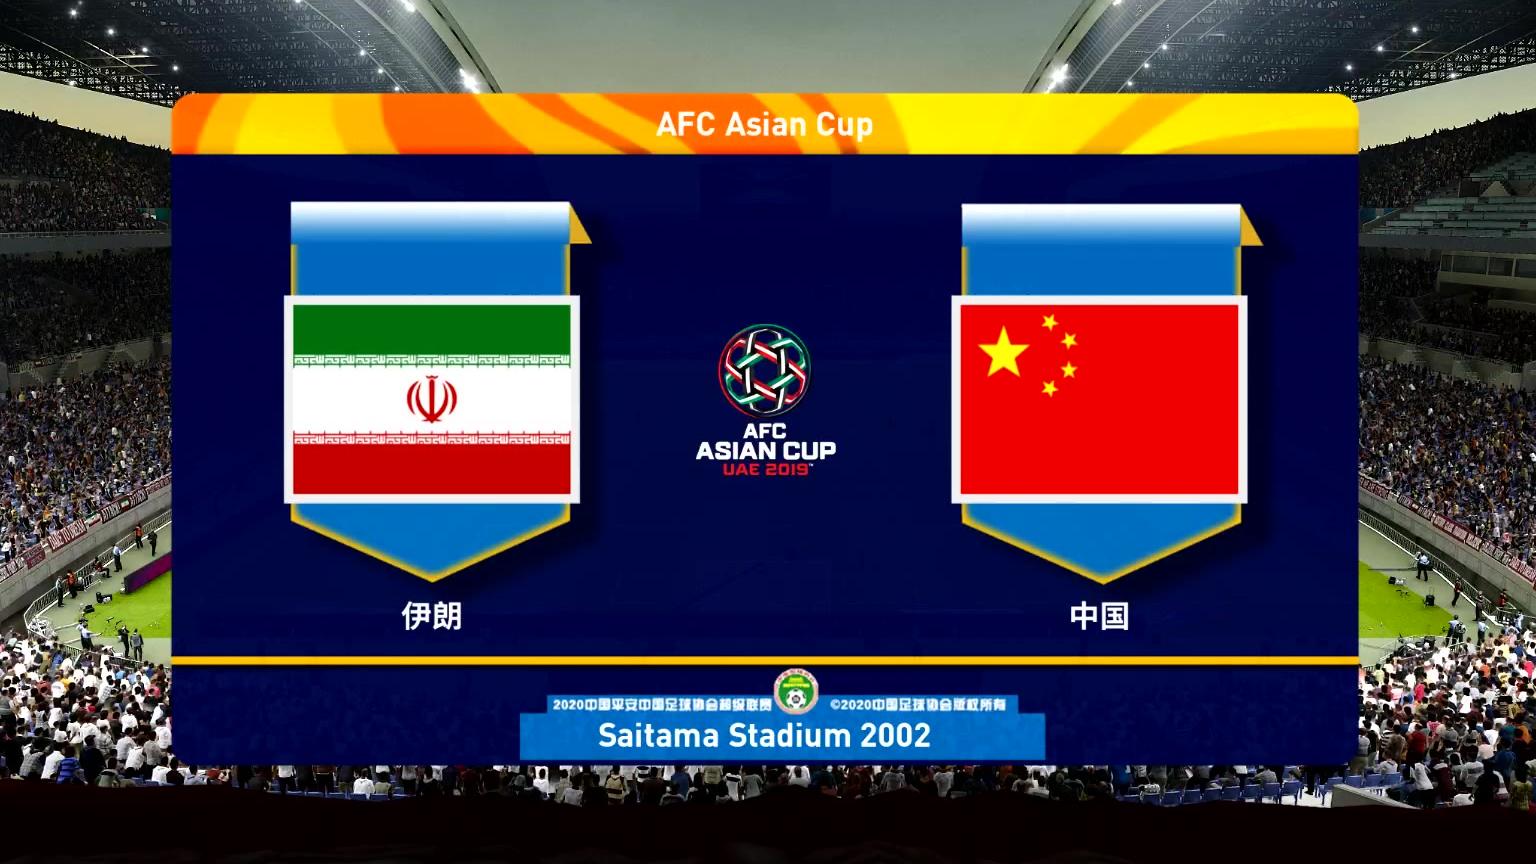 中国男足1:0伊朗男足,武磊打进唯一进球,李铁国足打服亚洲一哥